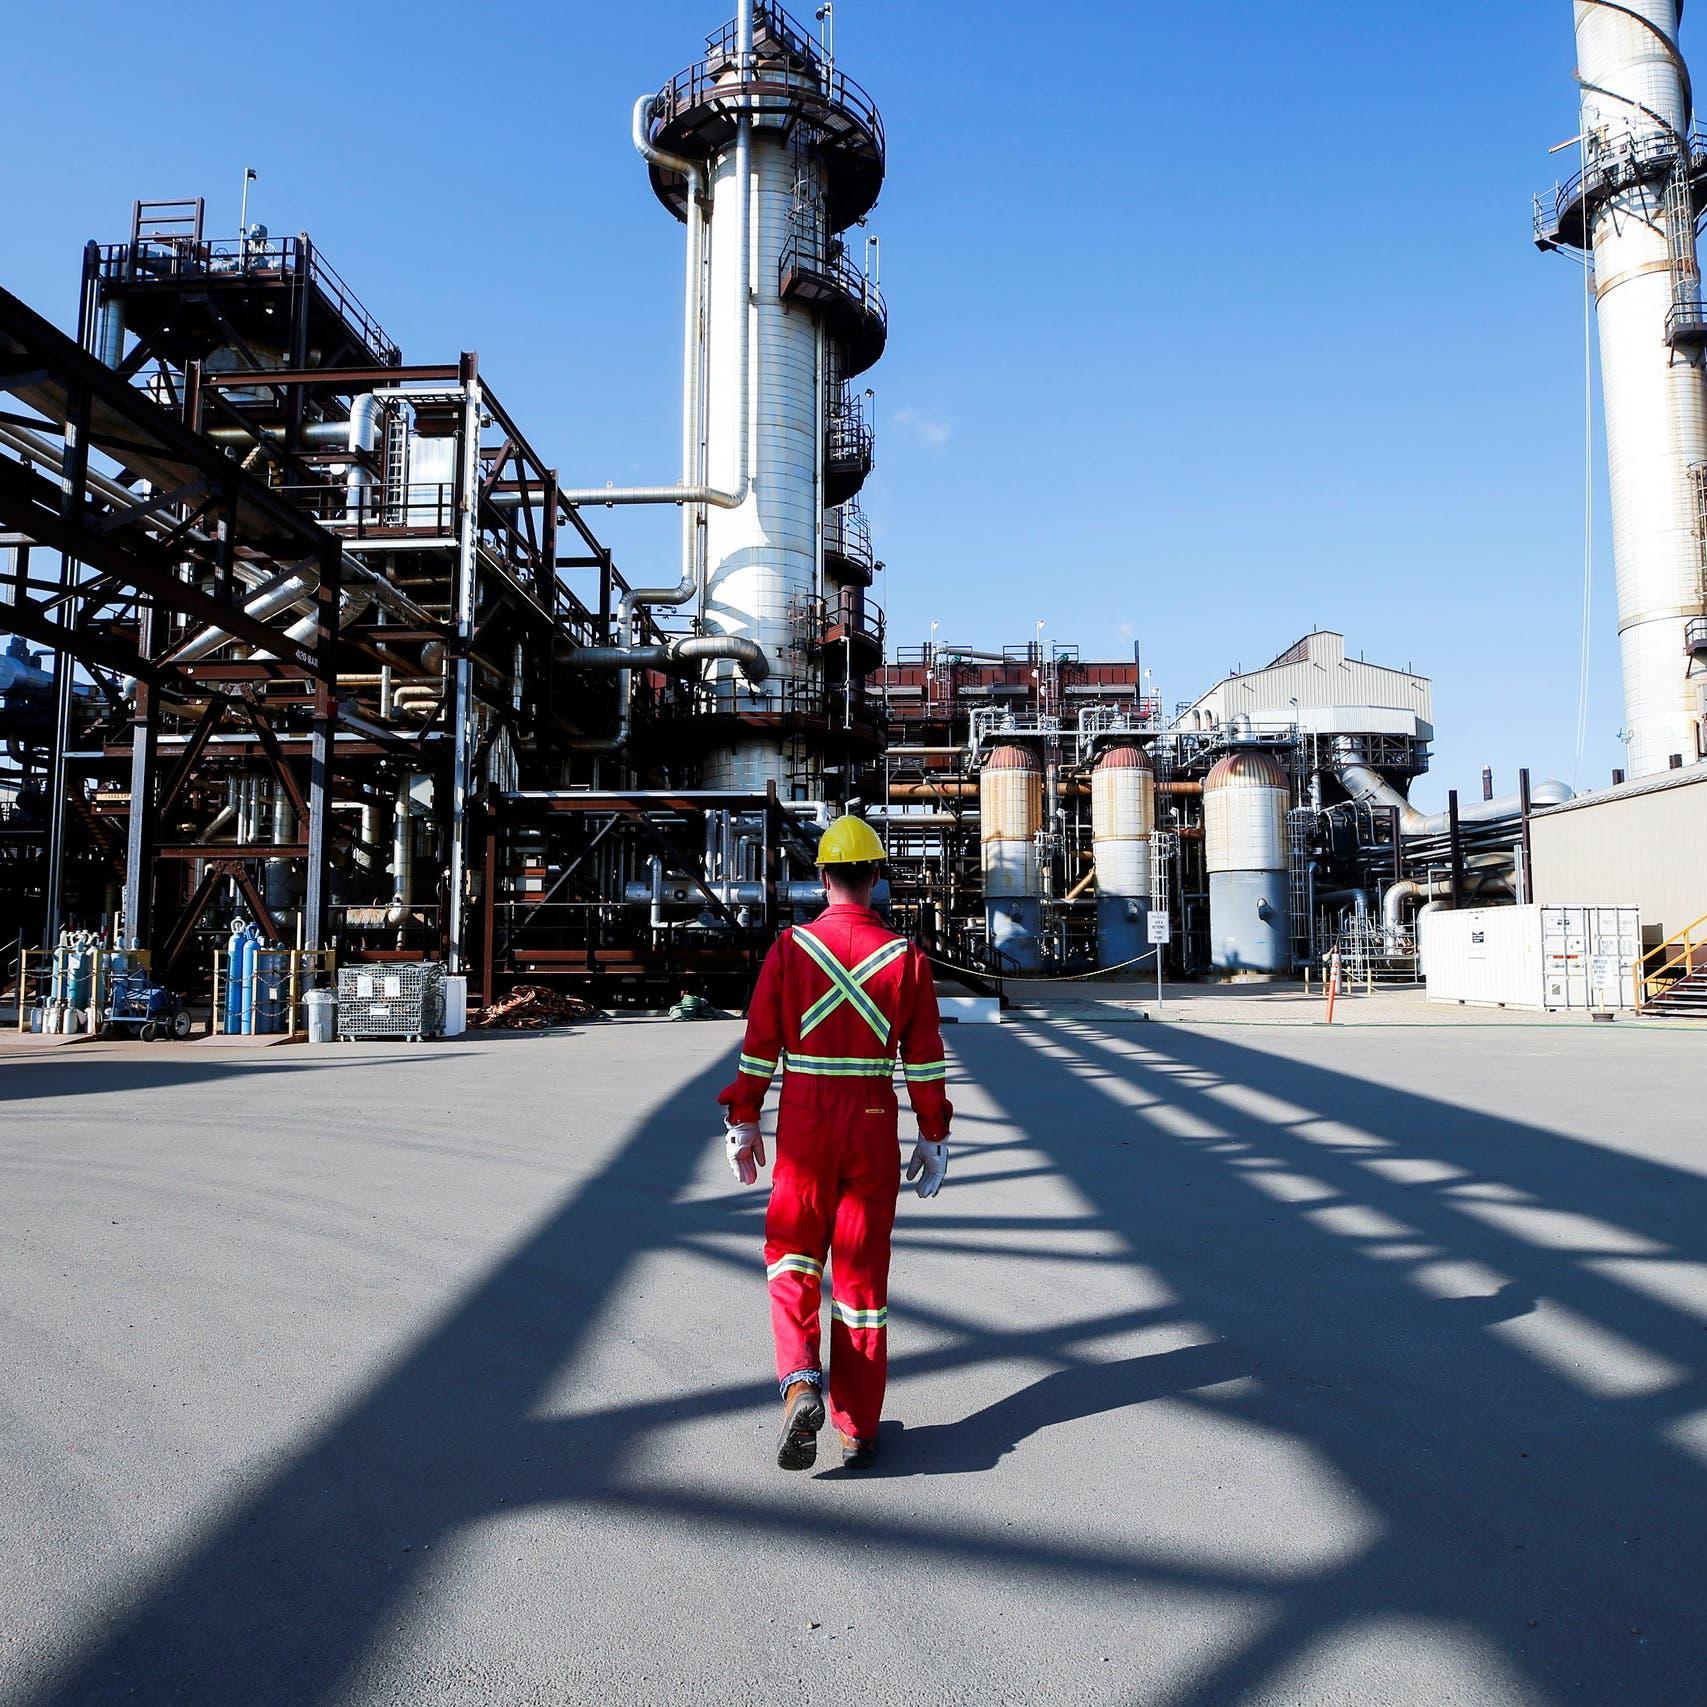 مكاسب النفط تتواصل مع زيادة الطلب.. والخام الأميركي فوق 80 دولاراً